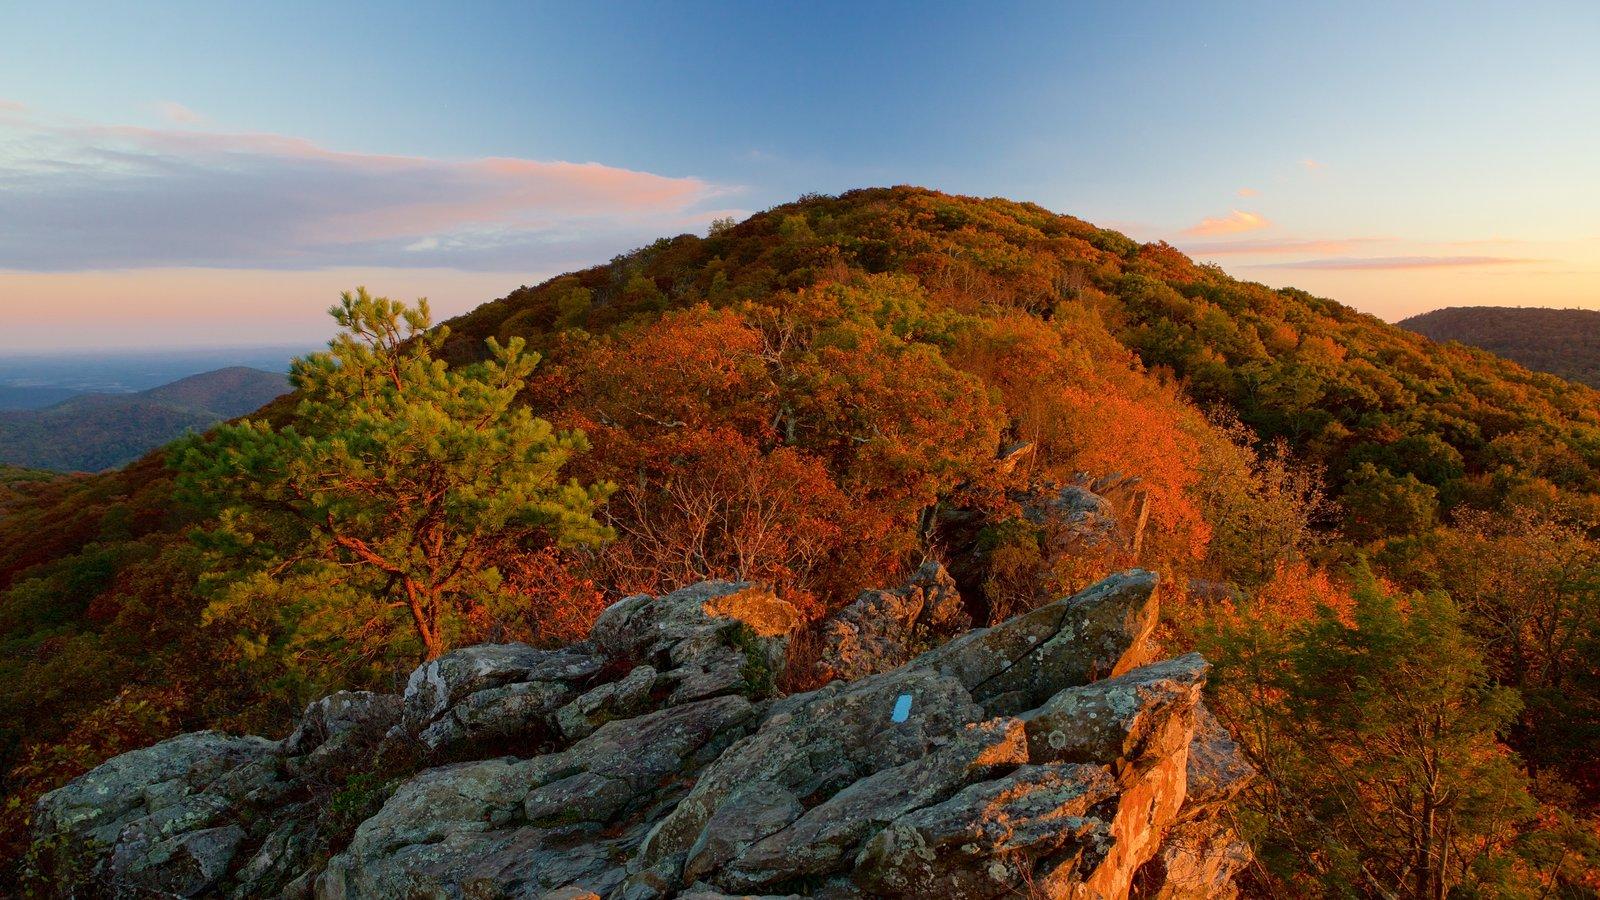 Parque Nacional Shenandoah ofreciendo una puesta de sol, los colores del otoño y bosques